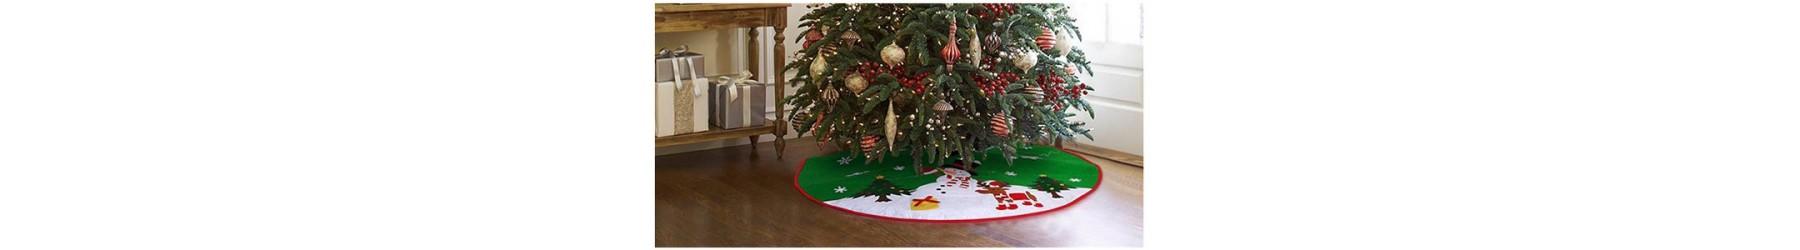 Χριστουγεννιάτικες ποδιές, γαντζάκια για μπάλες, βάσεις για το δέντρο